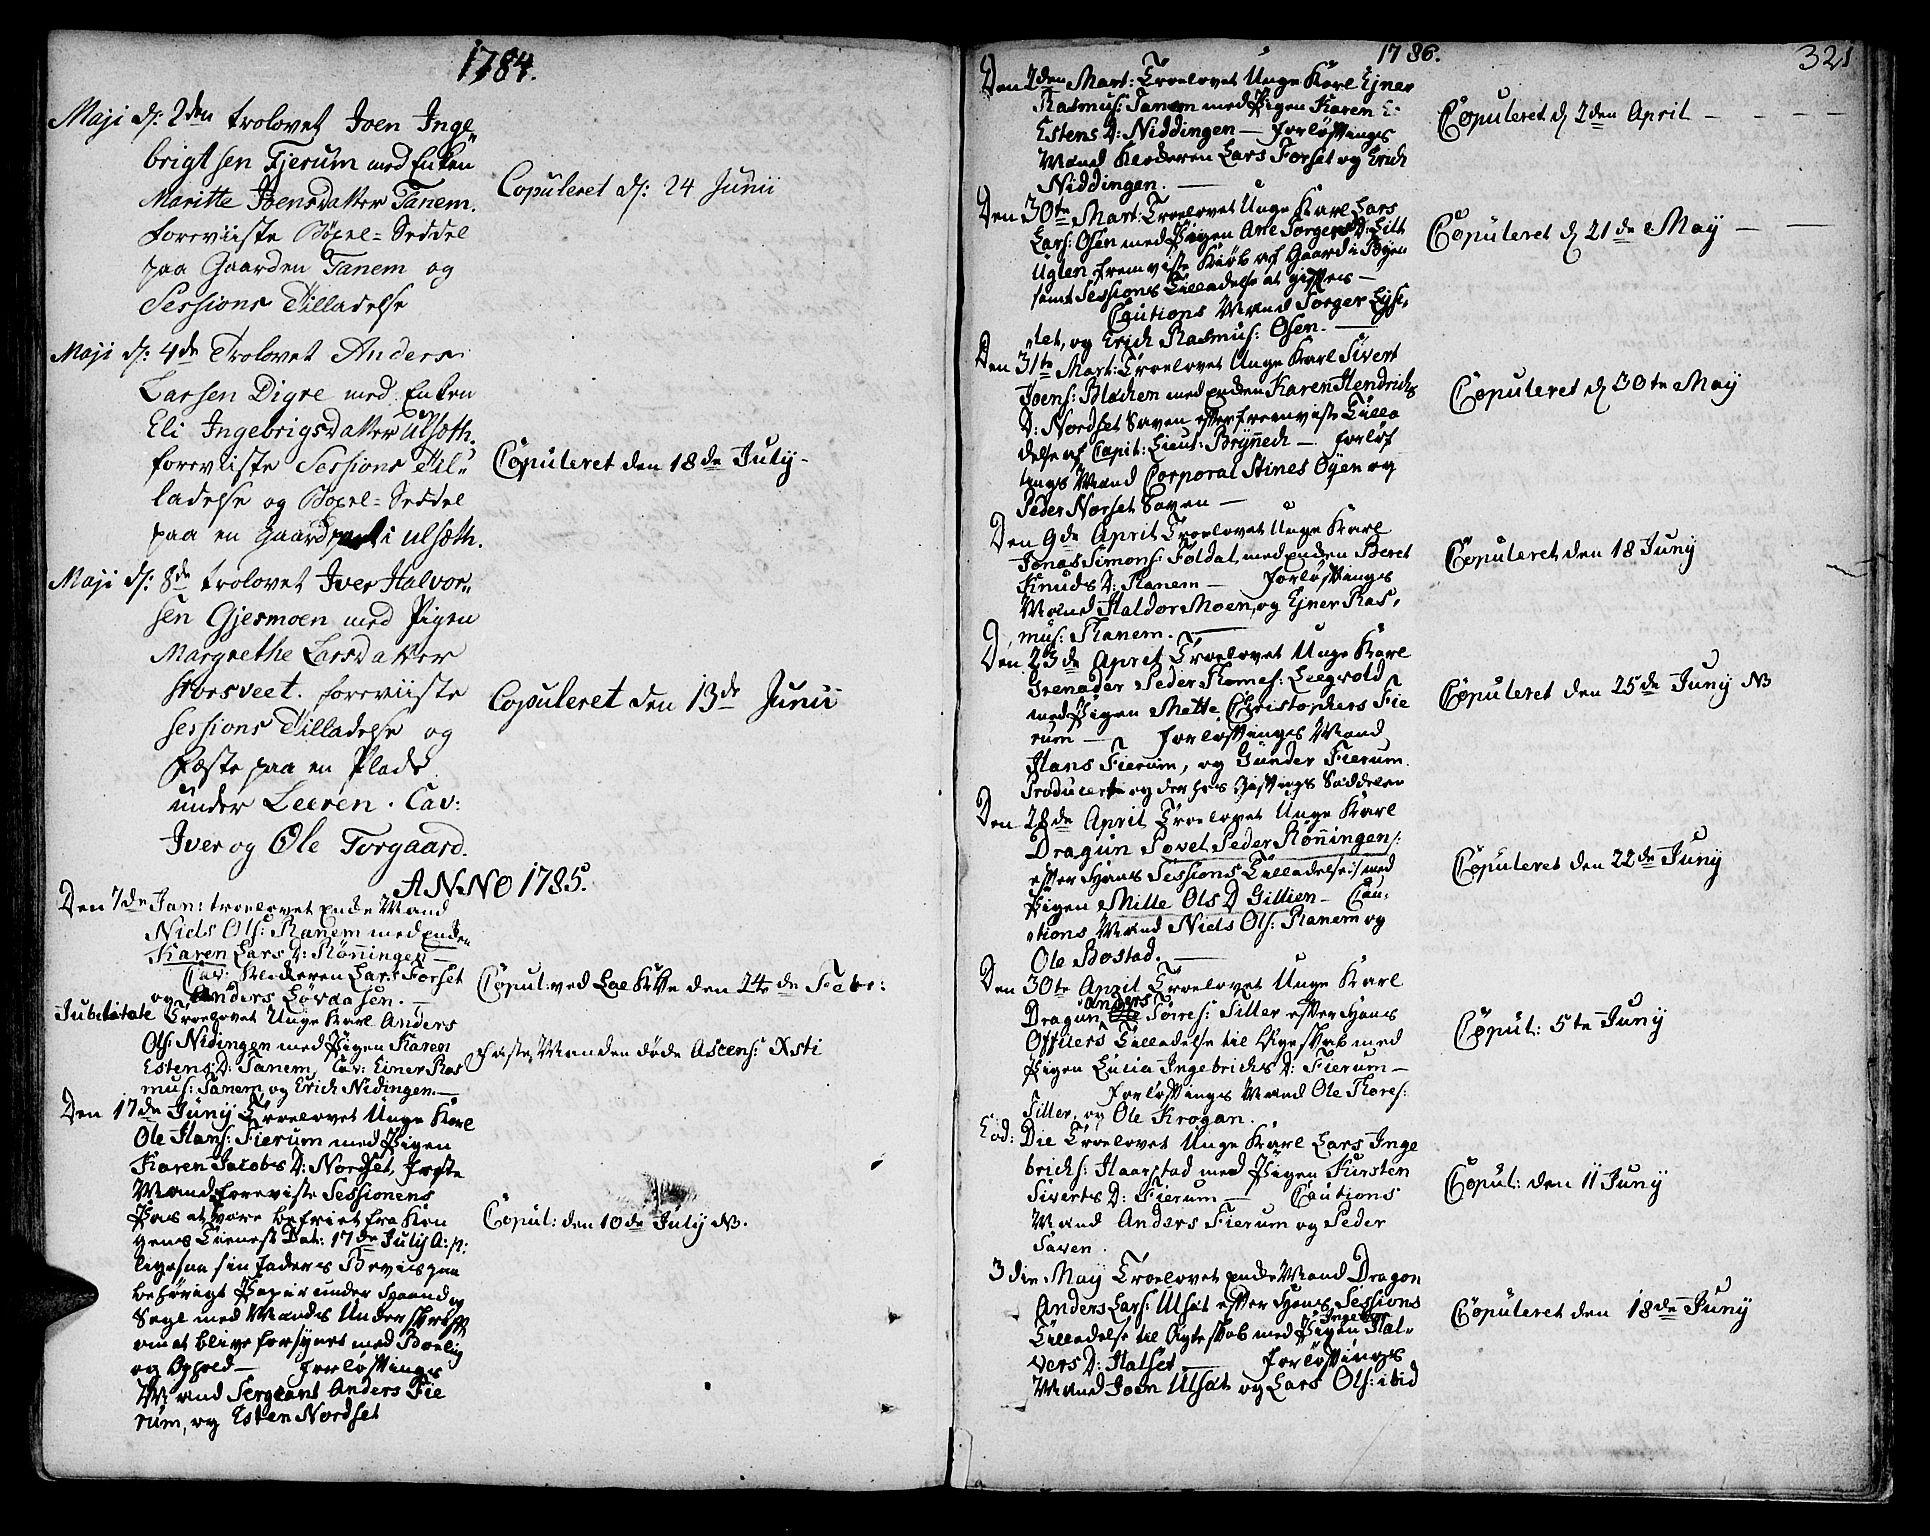 SAT, Ministerialprotokoller, klokkerbøker og fødselsregistre - Sør-Trøndelag, 618/L0438: Ministerialbok nr. 618A03, 1783-1815, s. 321